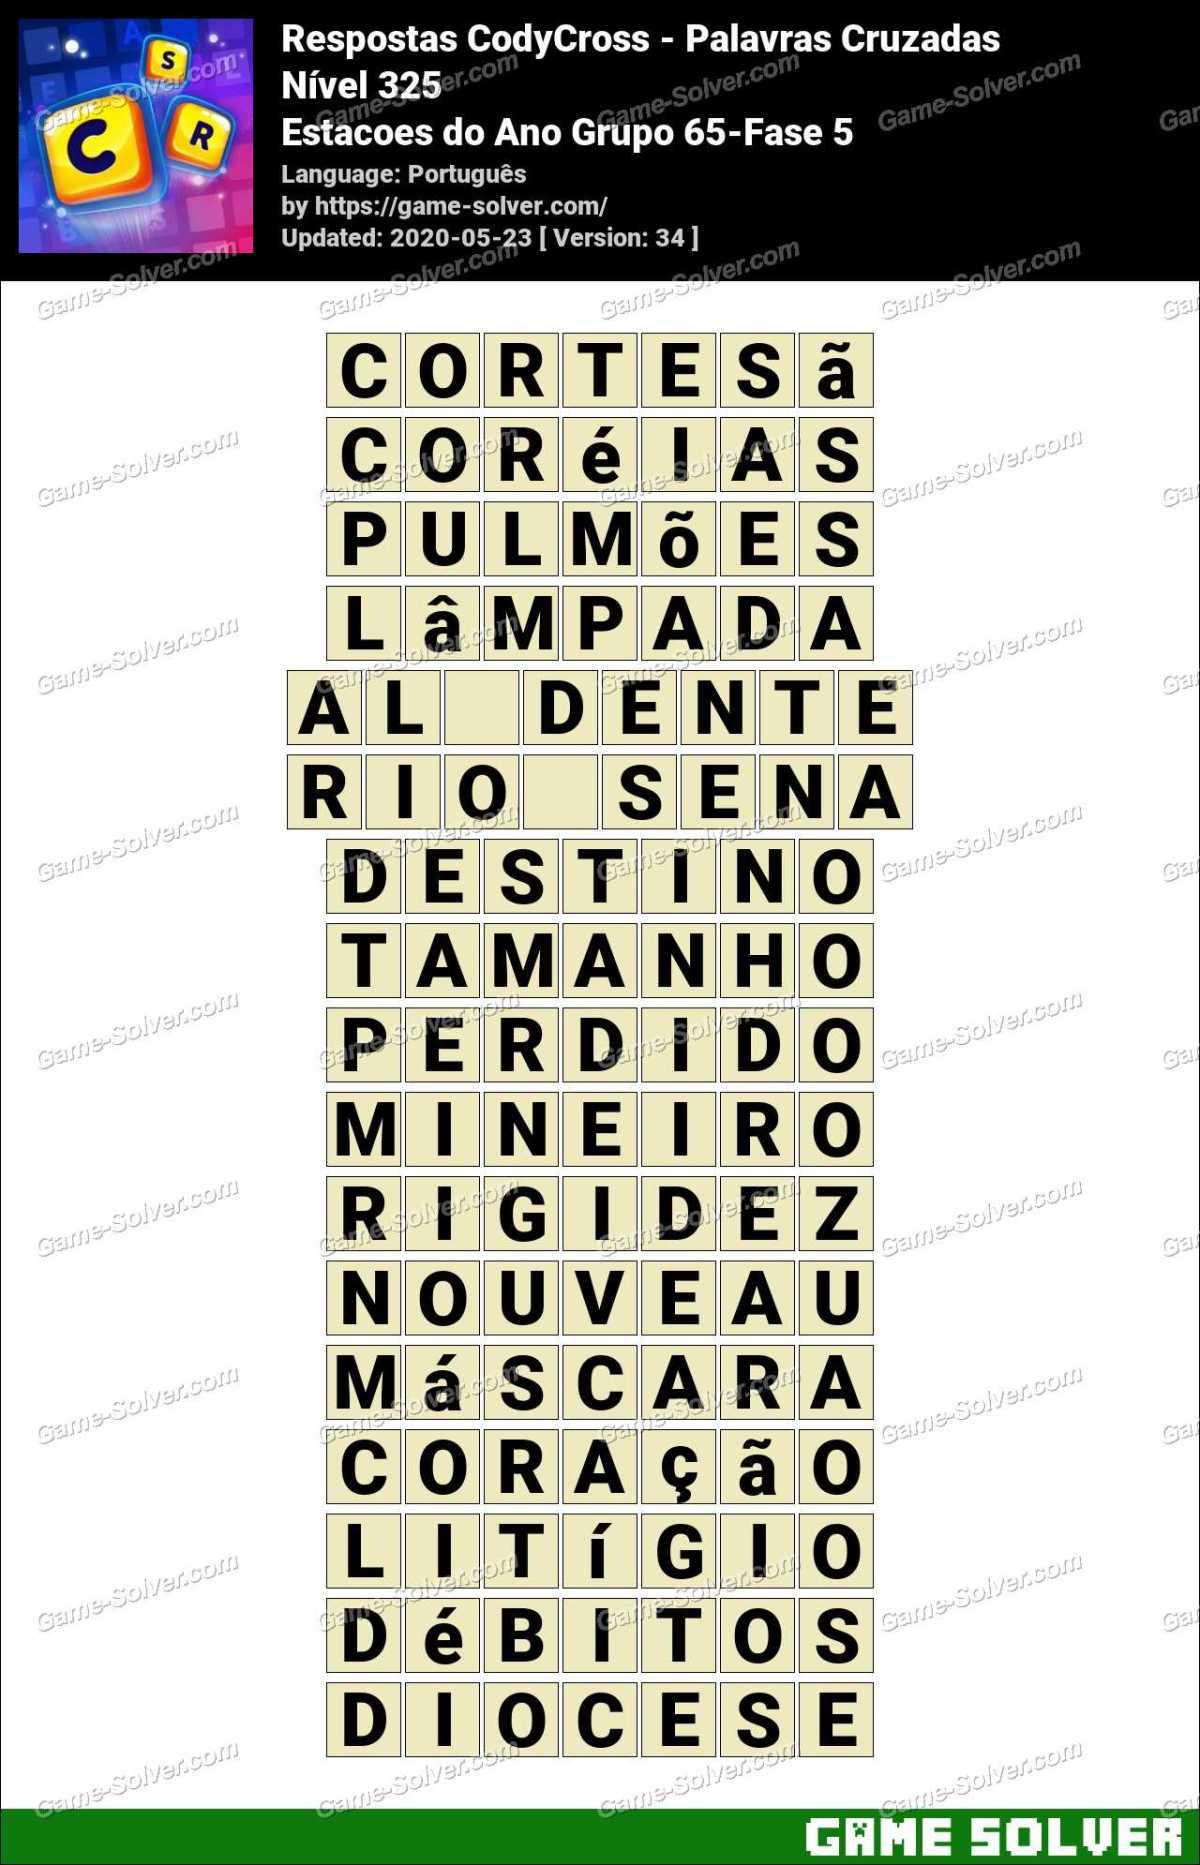 Respostas CodyCross Estacoes do Ano Grupo 65-Fase 5